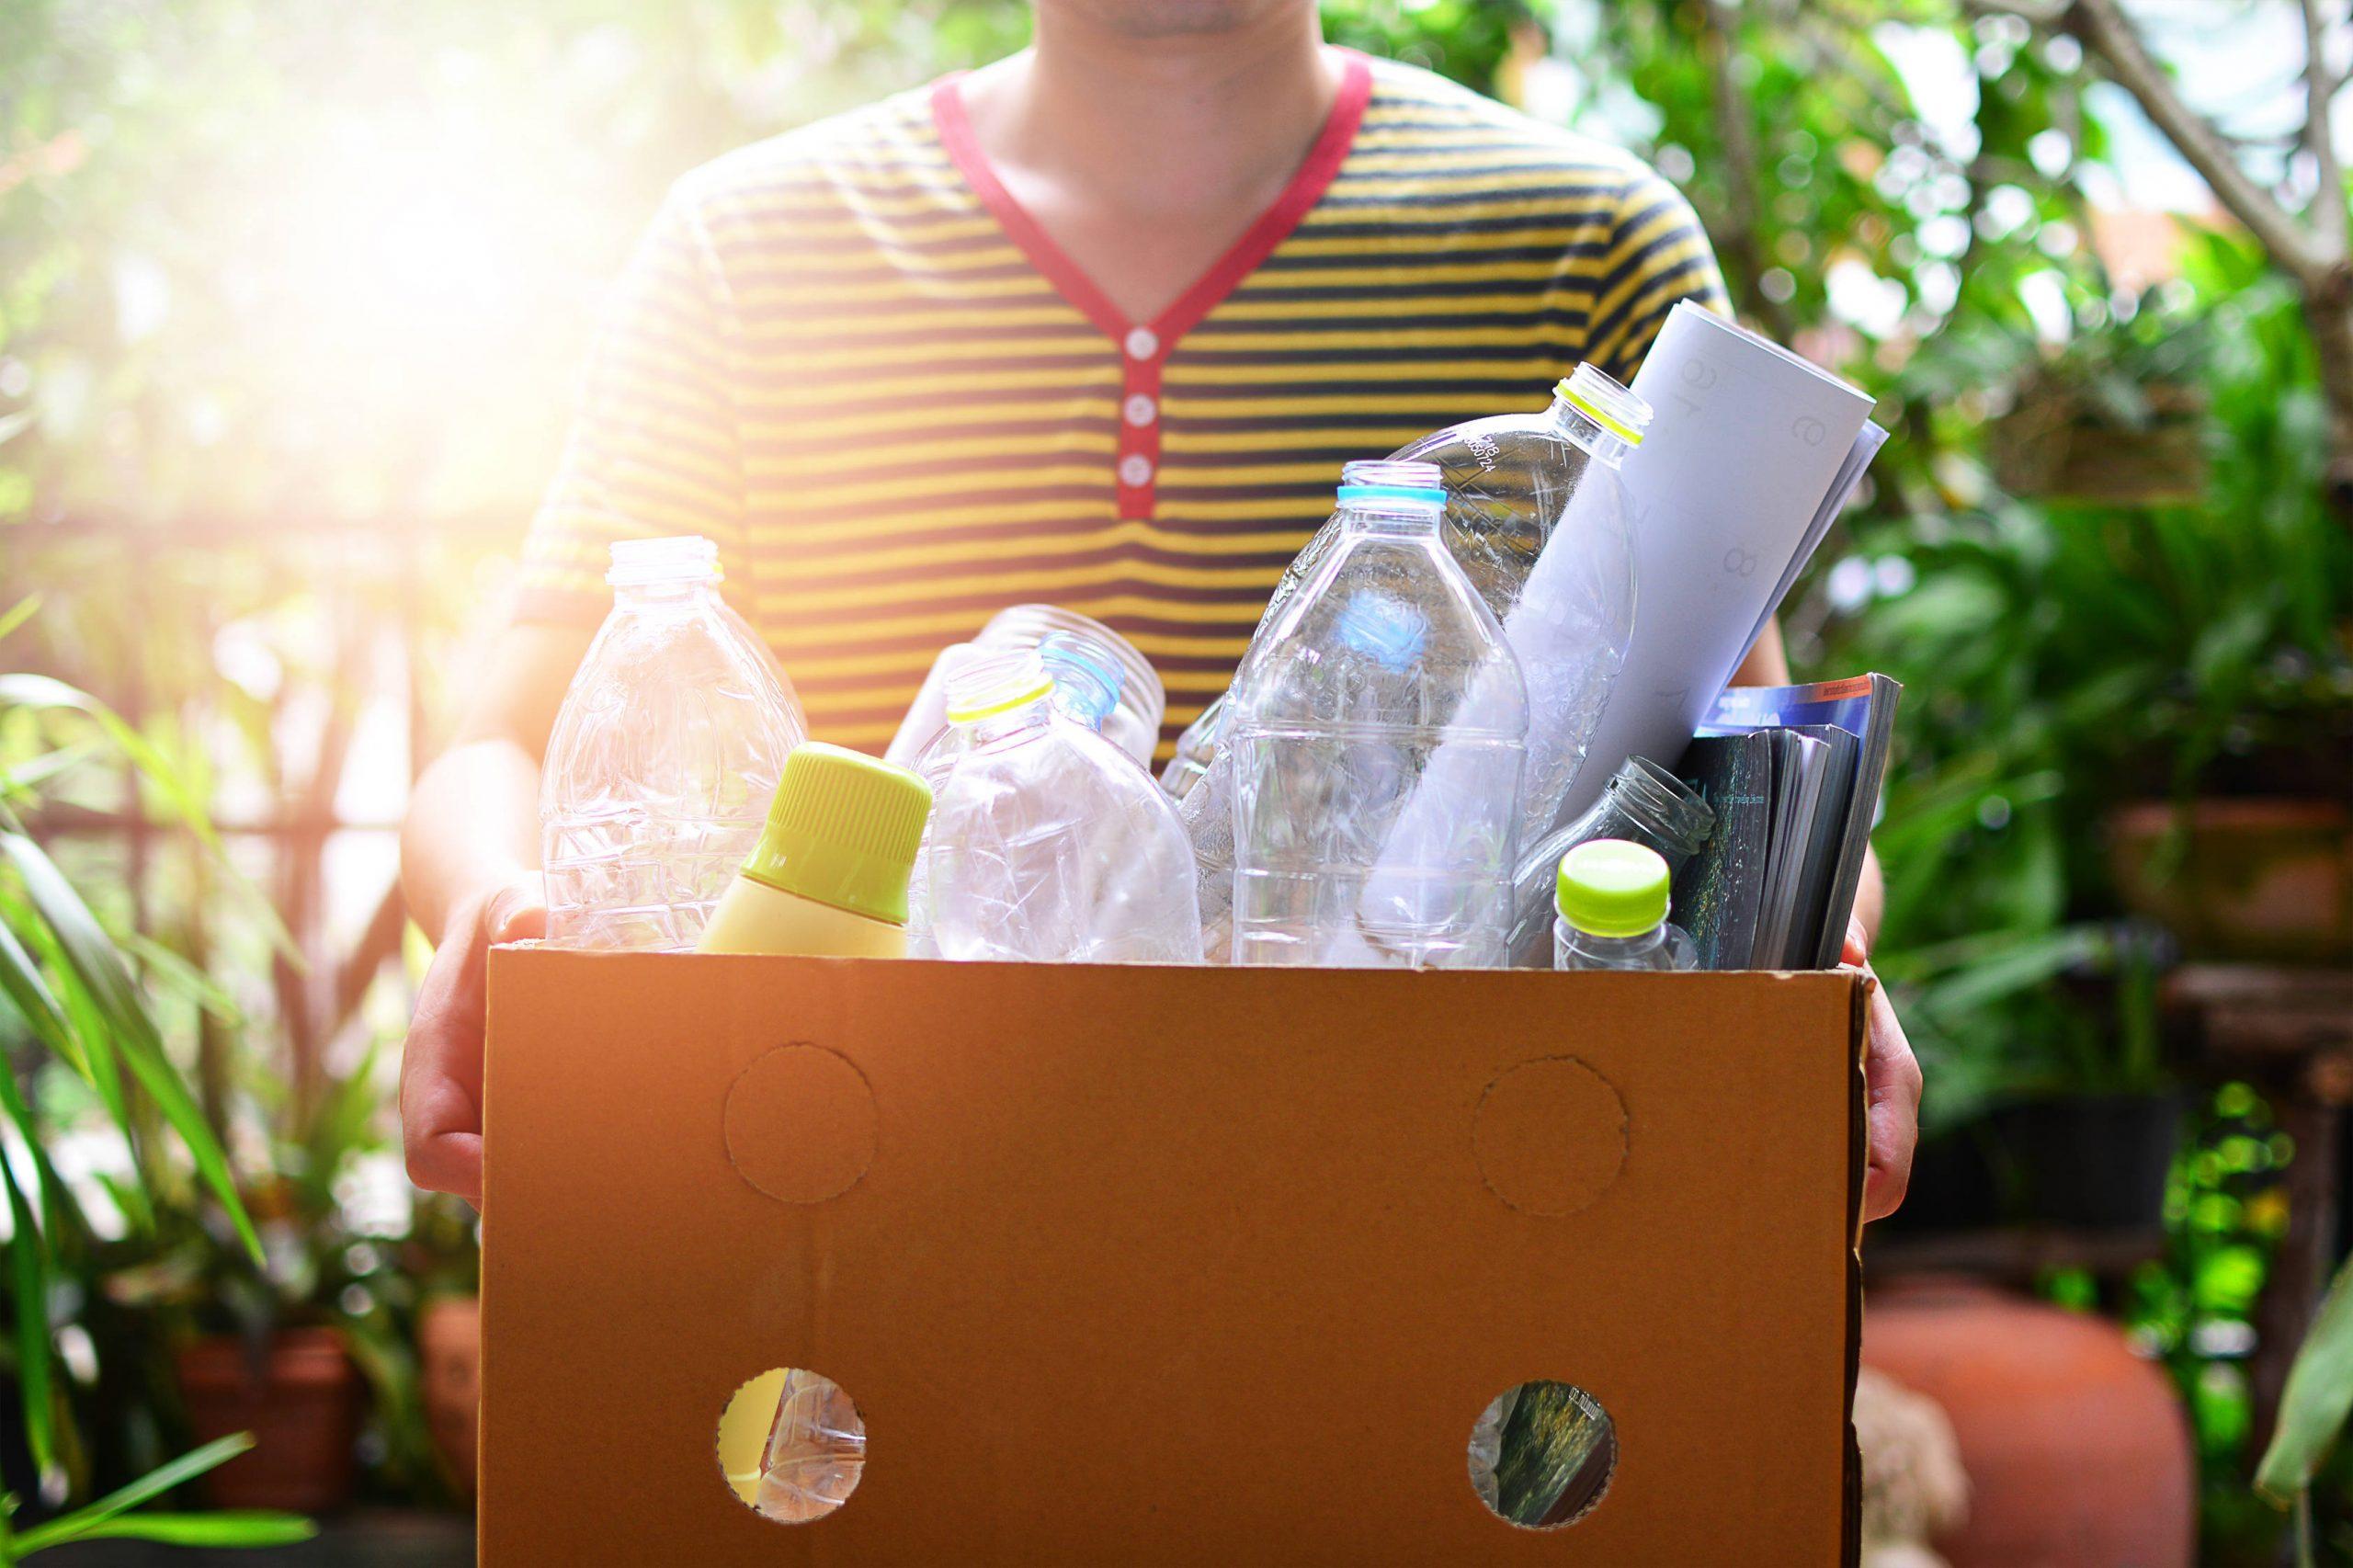 Las empresas y su responsabilidad en la reducción de plástico